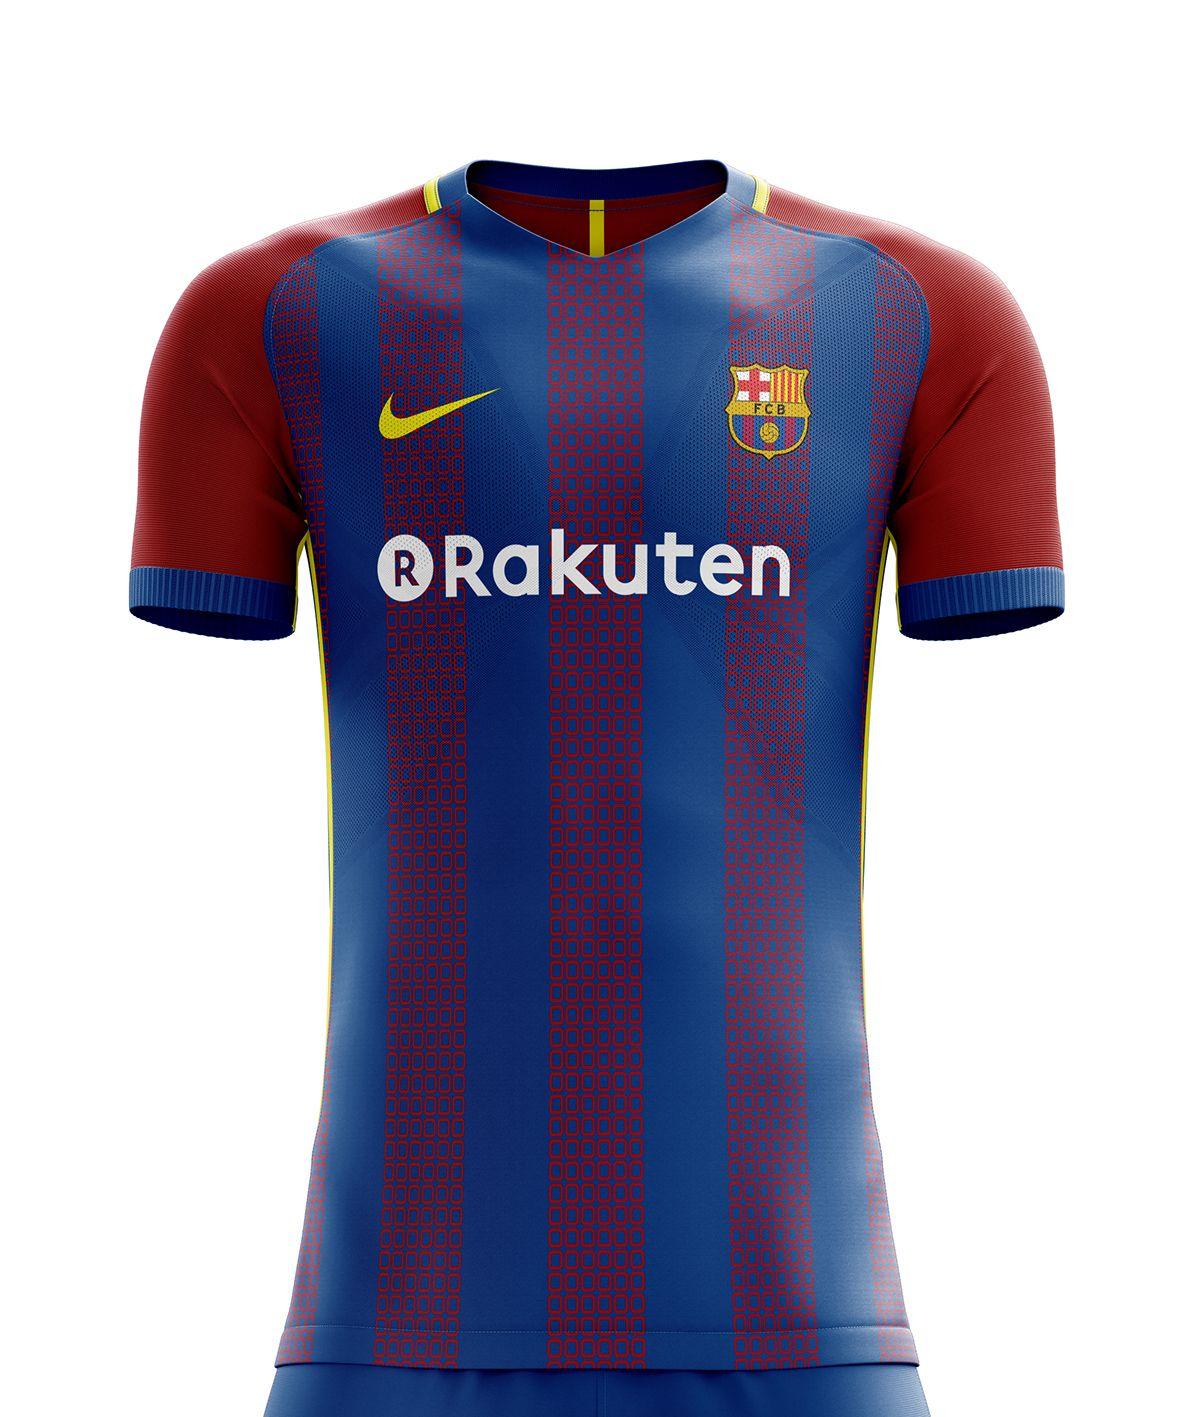 850093d12 Fc Barcelona Football Kit 18 19. on Behance